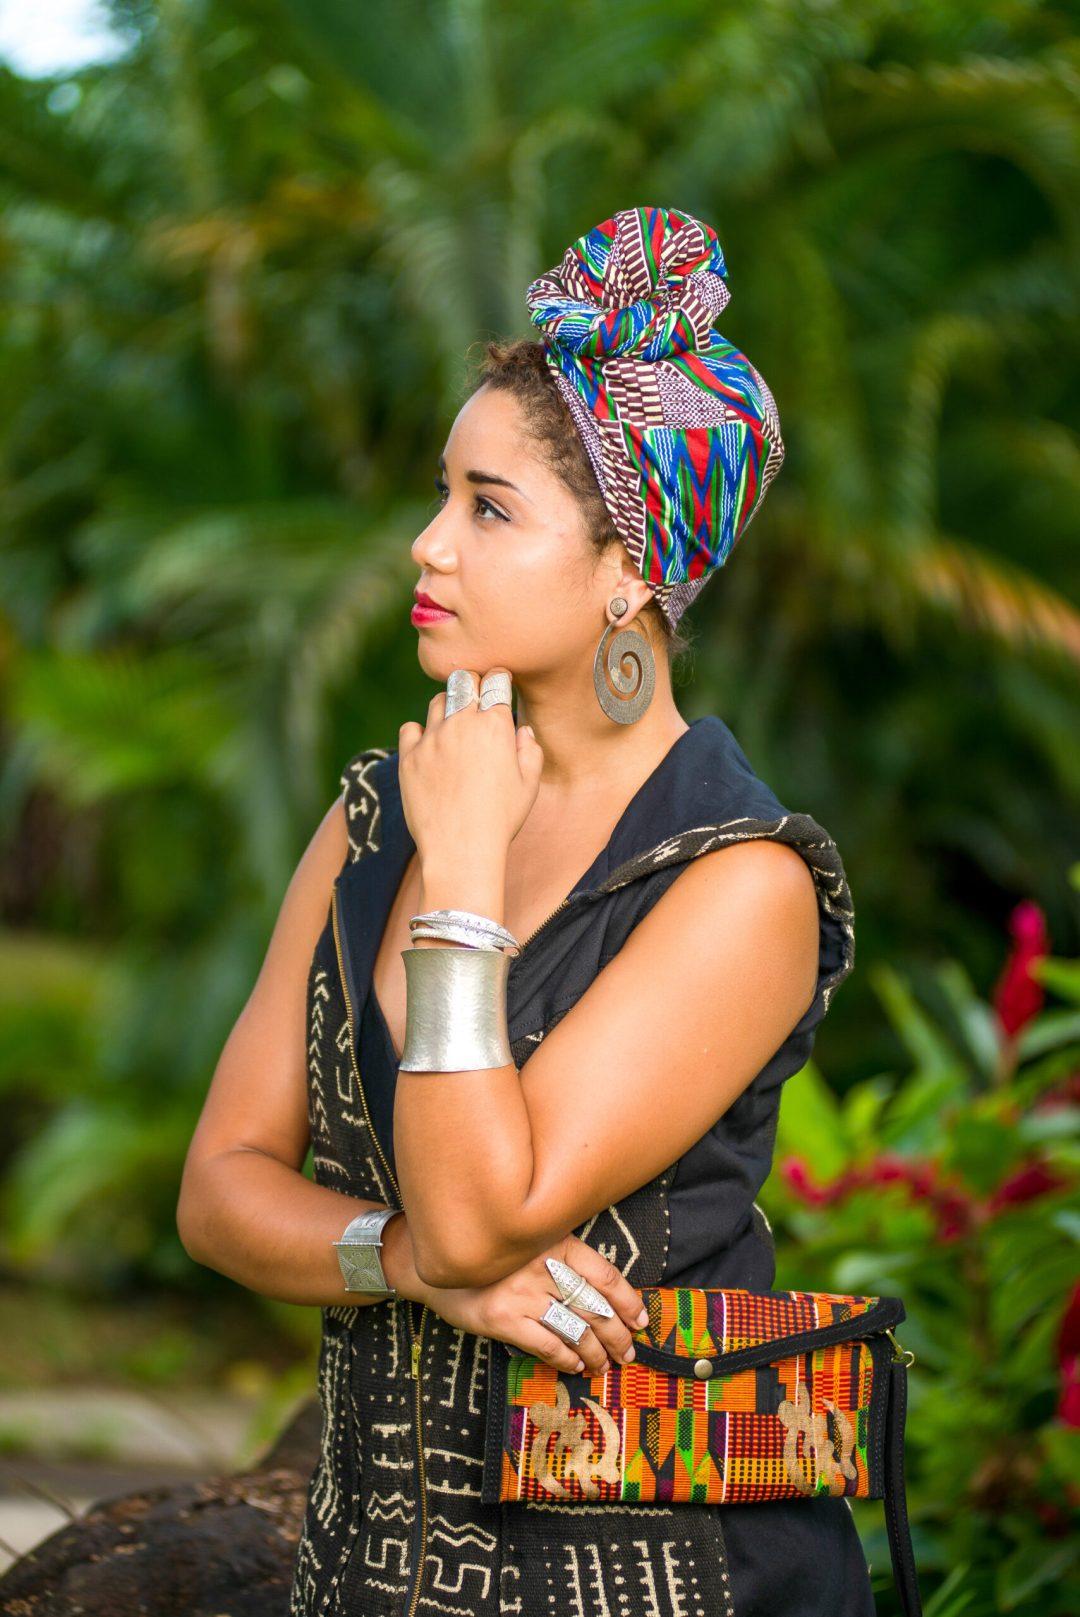 women's boho clothing isle empress